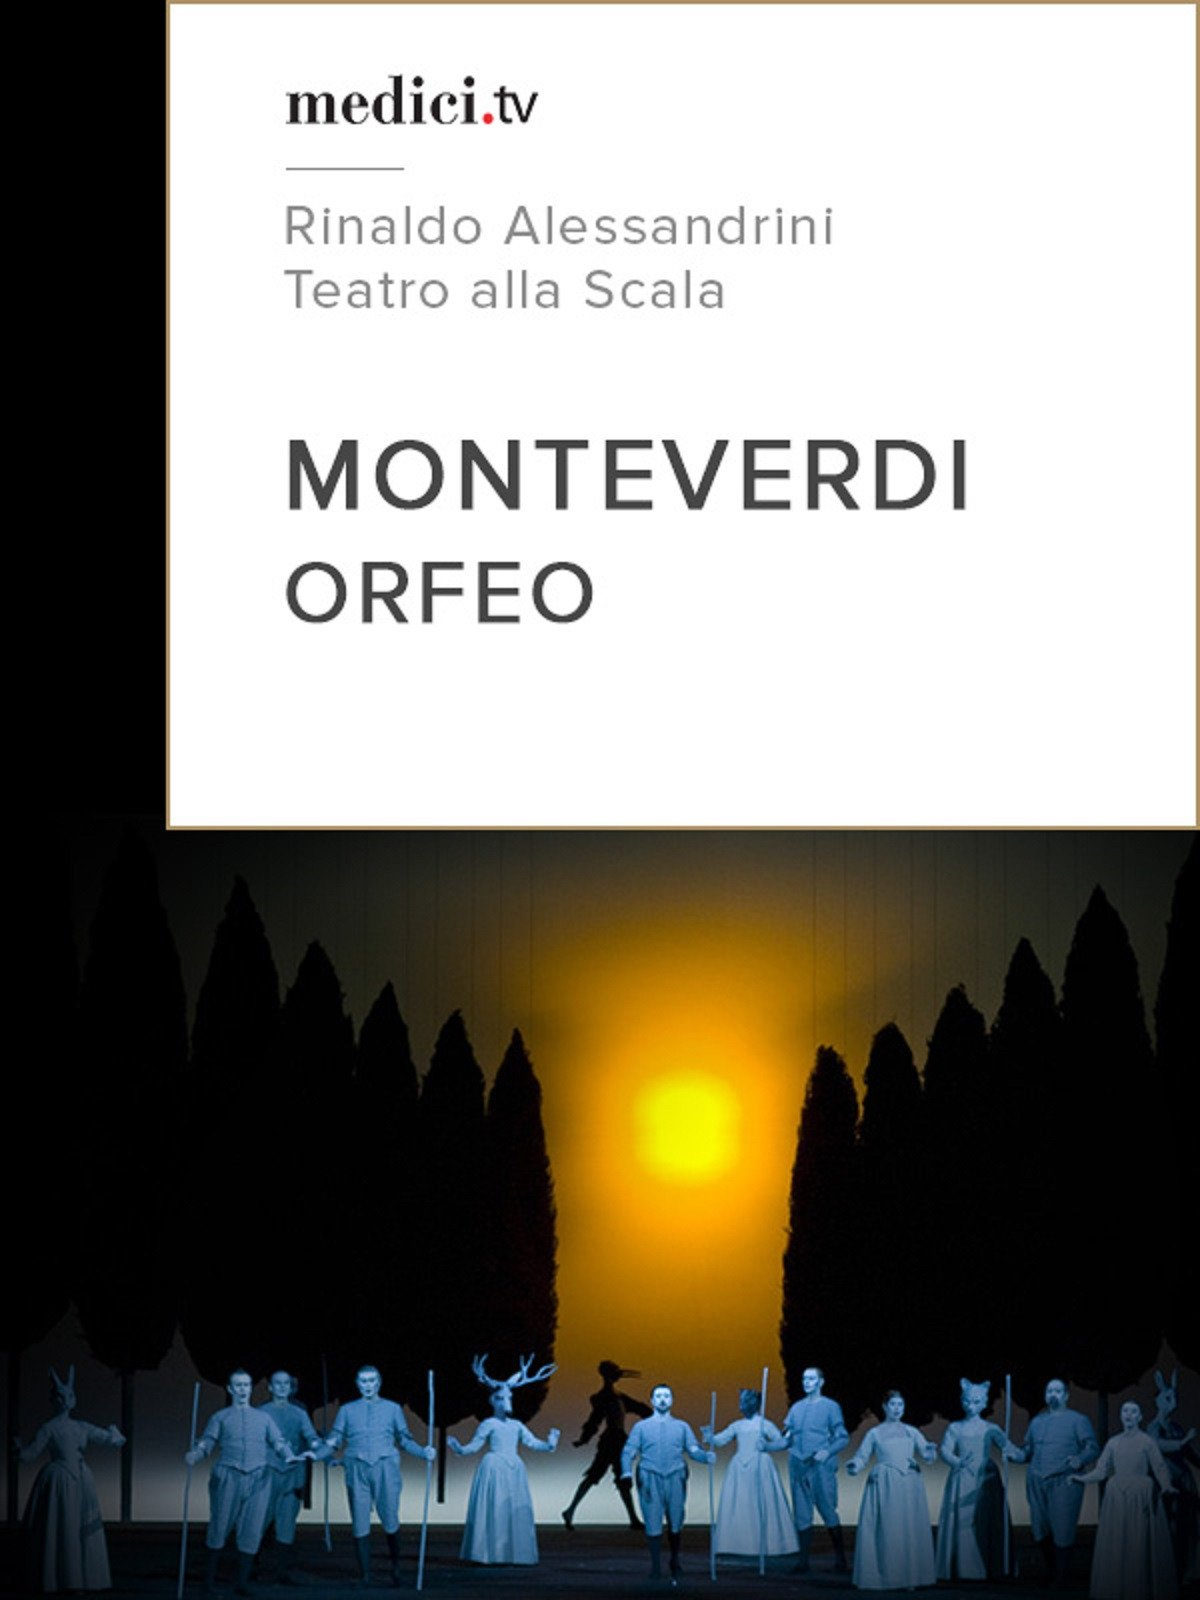 Amazon.com: Monteverdi, LOrfeo - Rinaldo Alessandrini ...